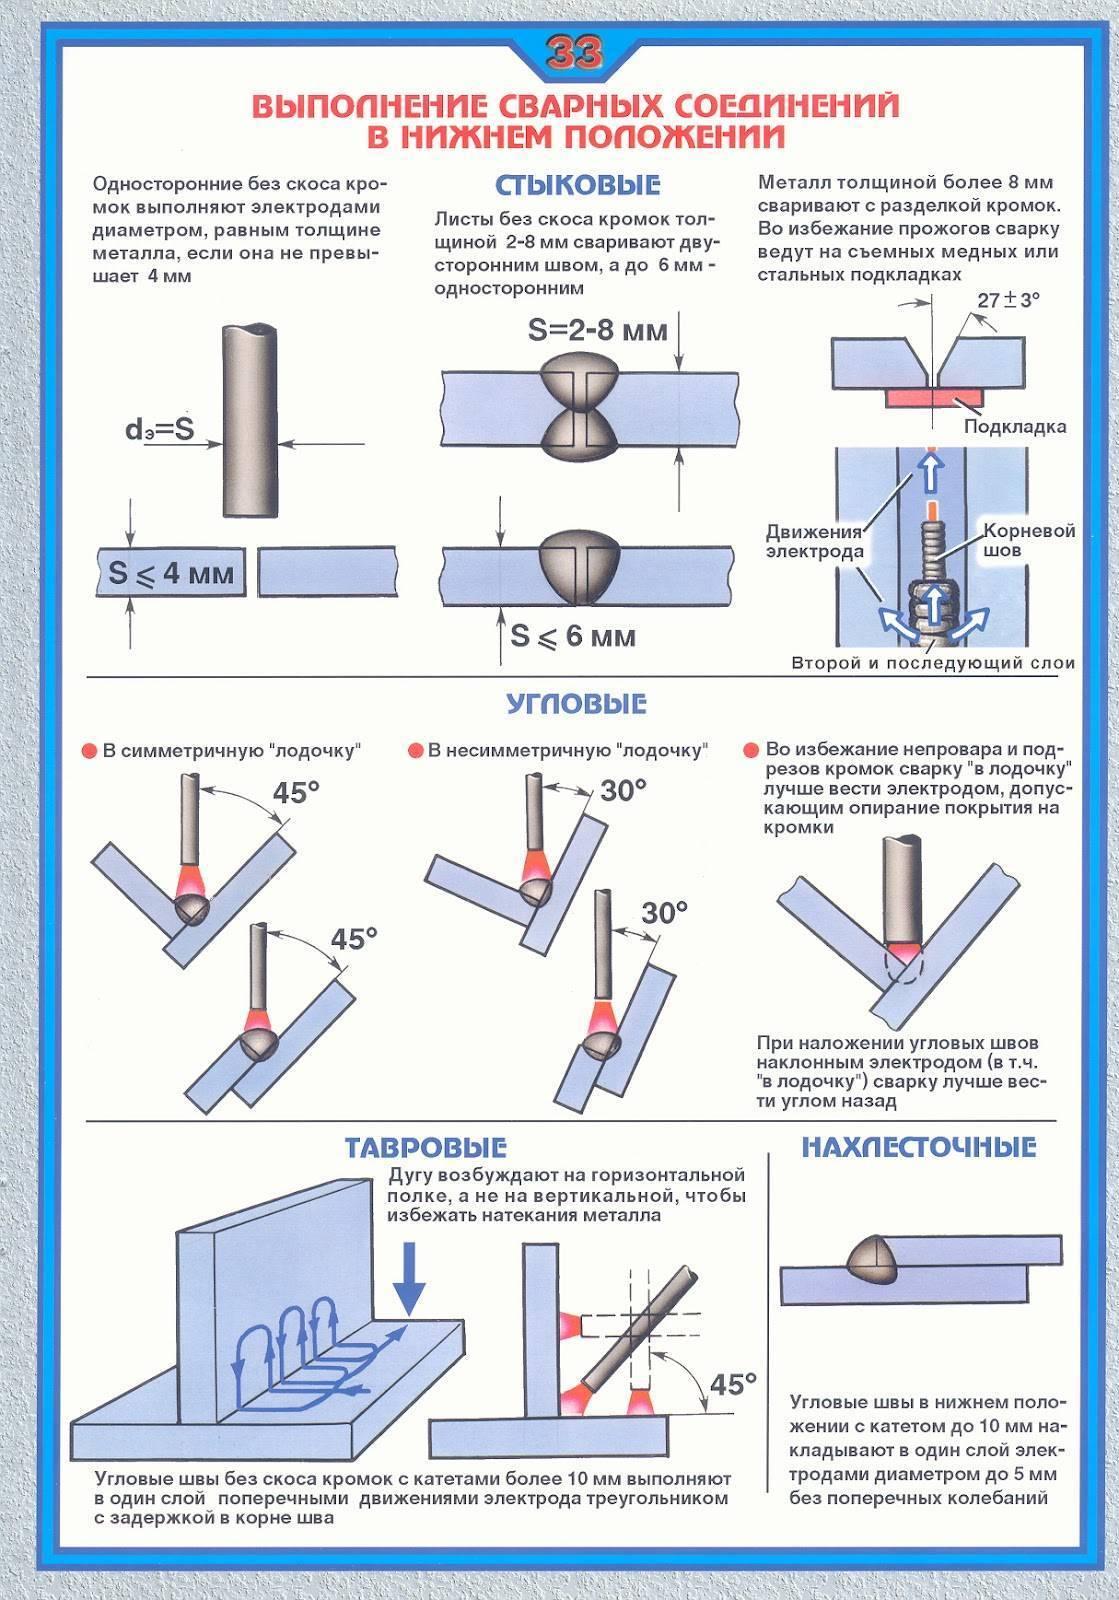 Как правильно варить электросваркой | блог строителя | яндекс дзен